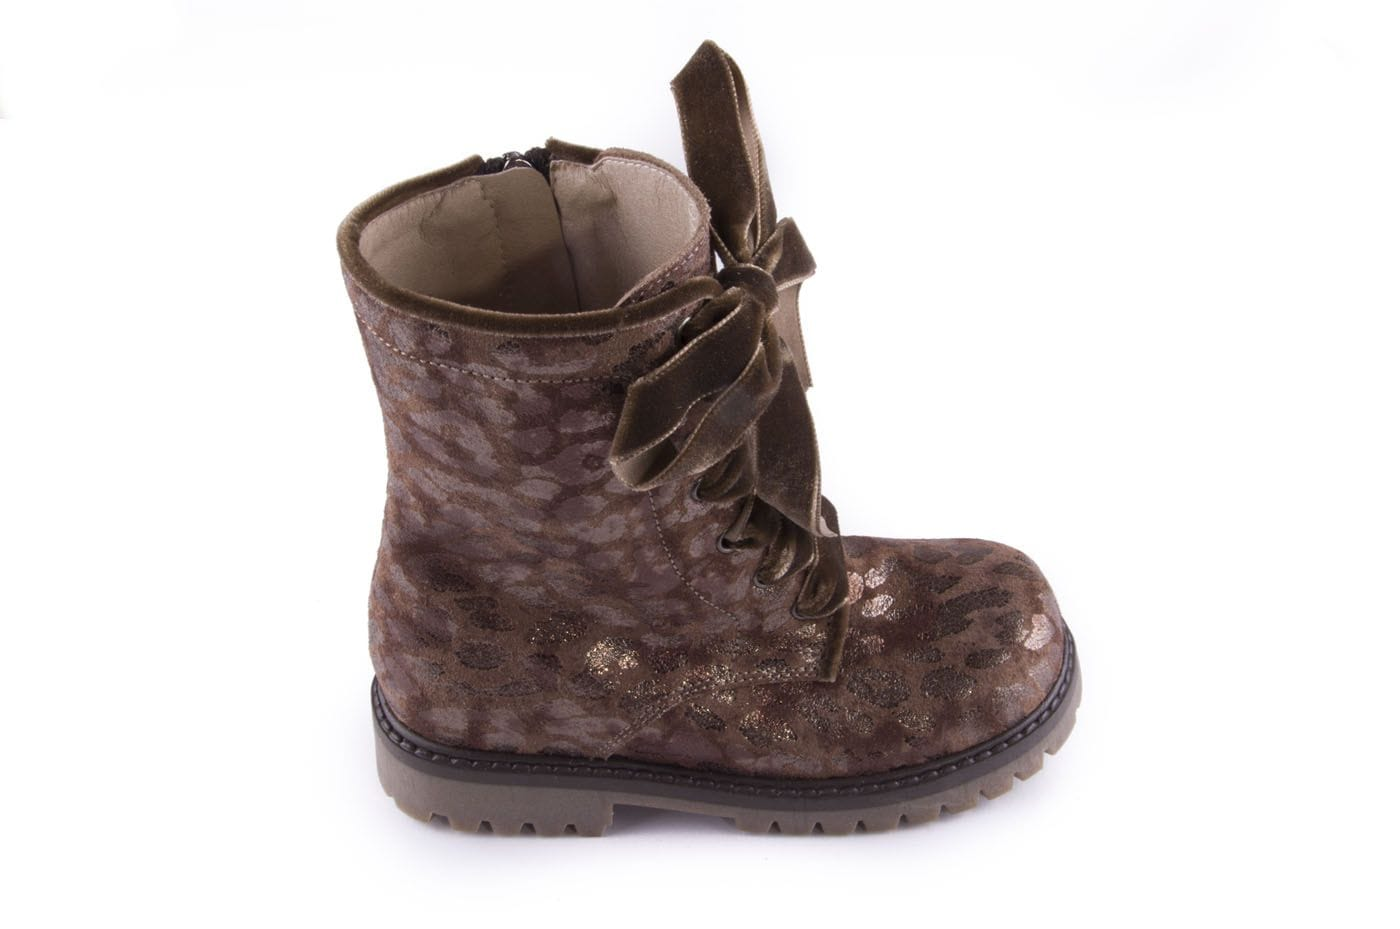 a38b8a69a Comprar zapato tipo JOVEN NIÑA estilo BOTINES-BOTA ALTA COLOR MARRON ...